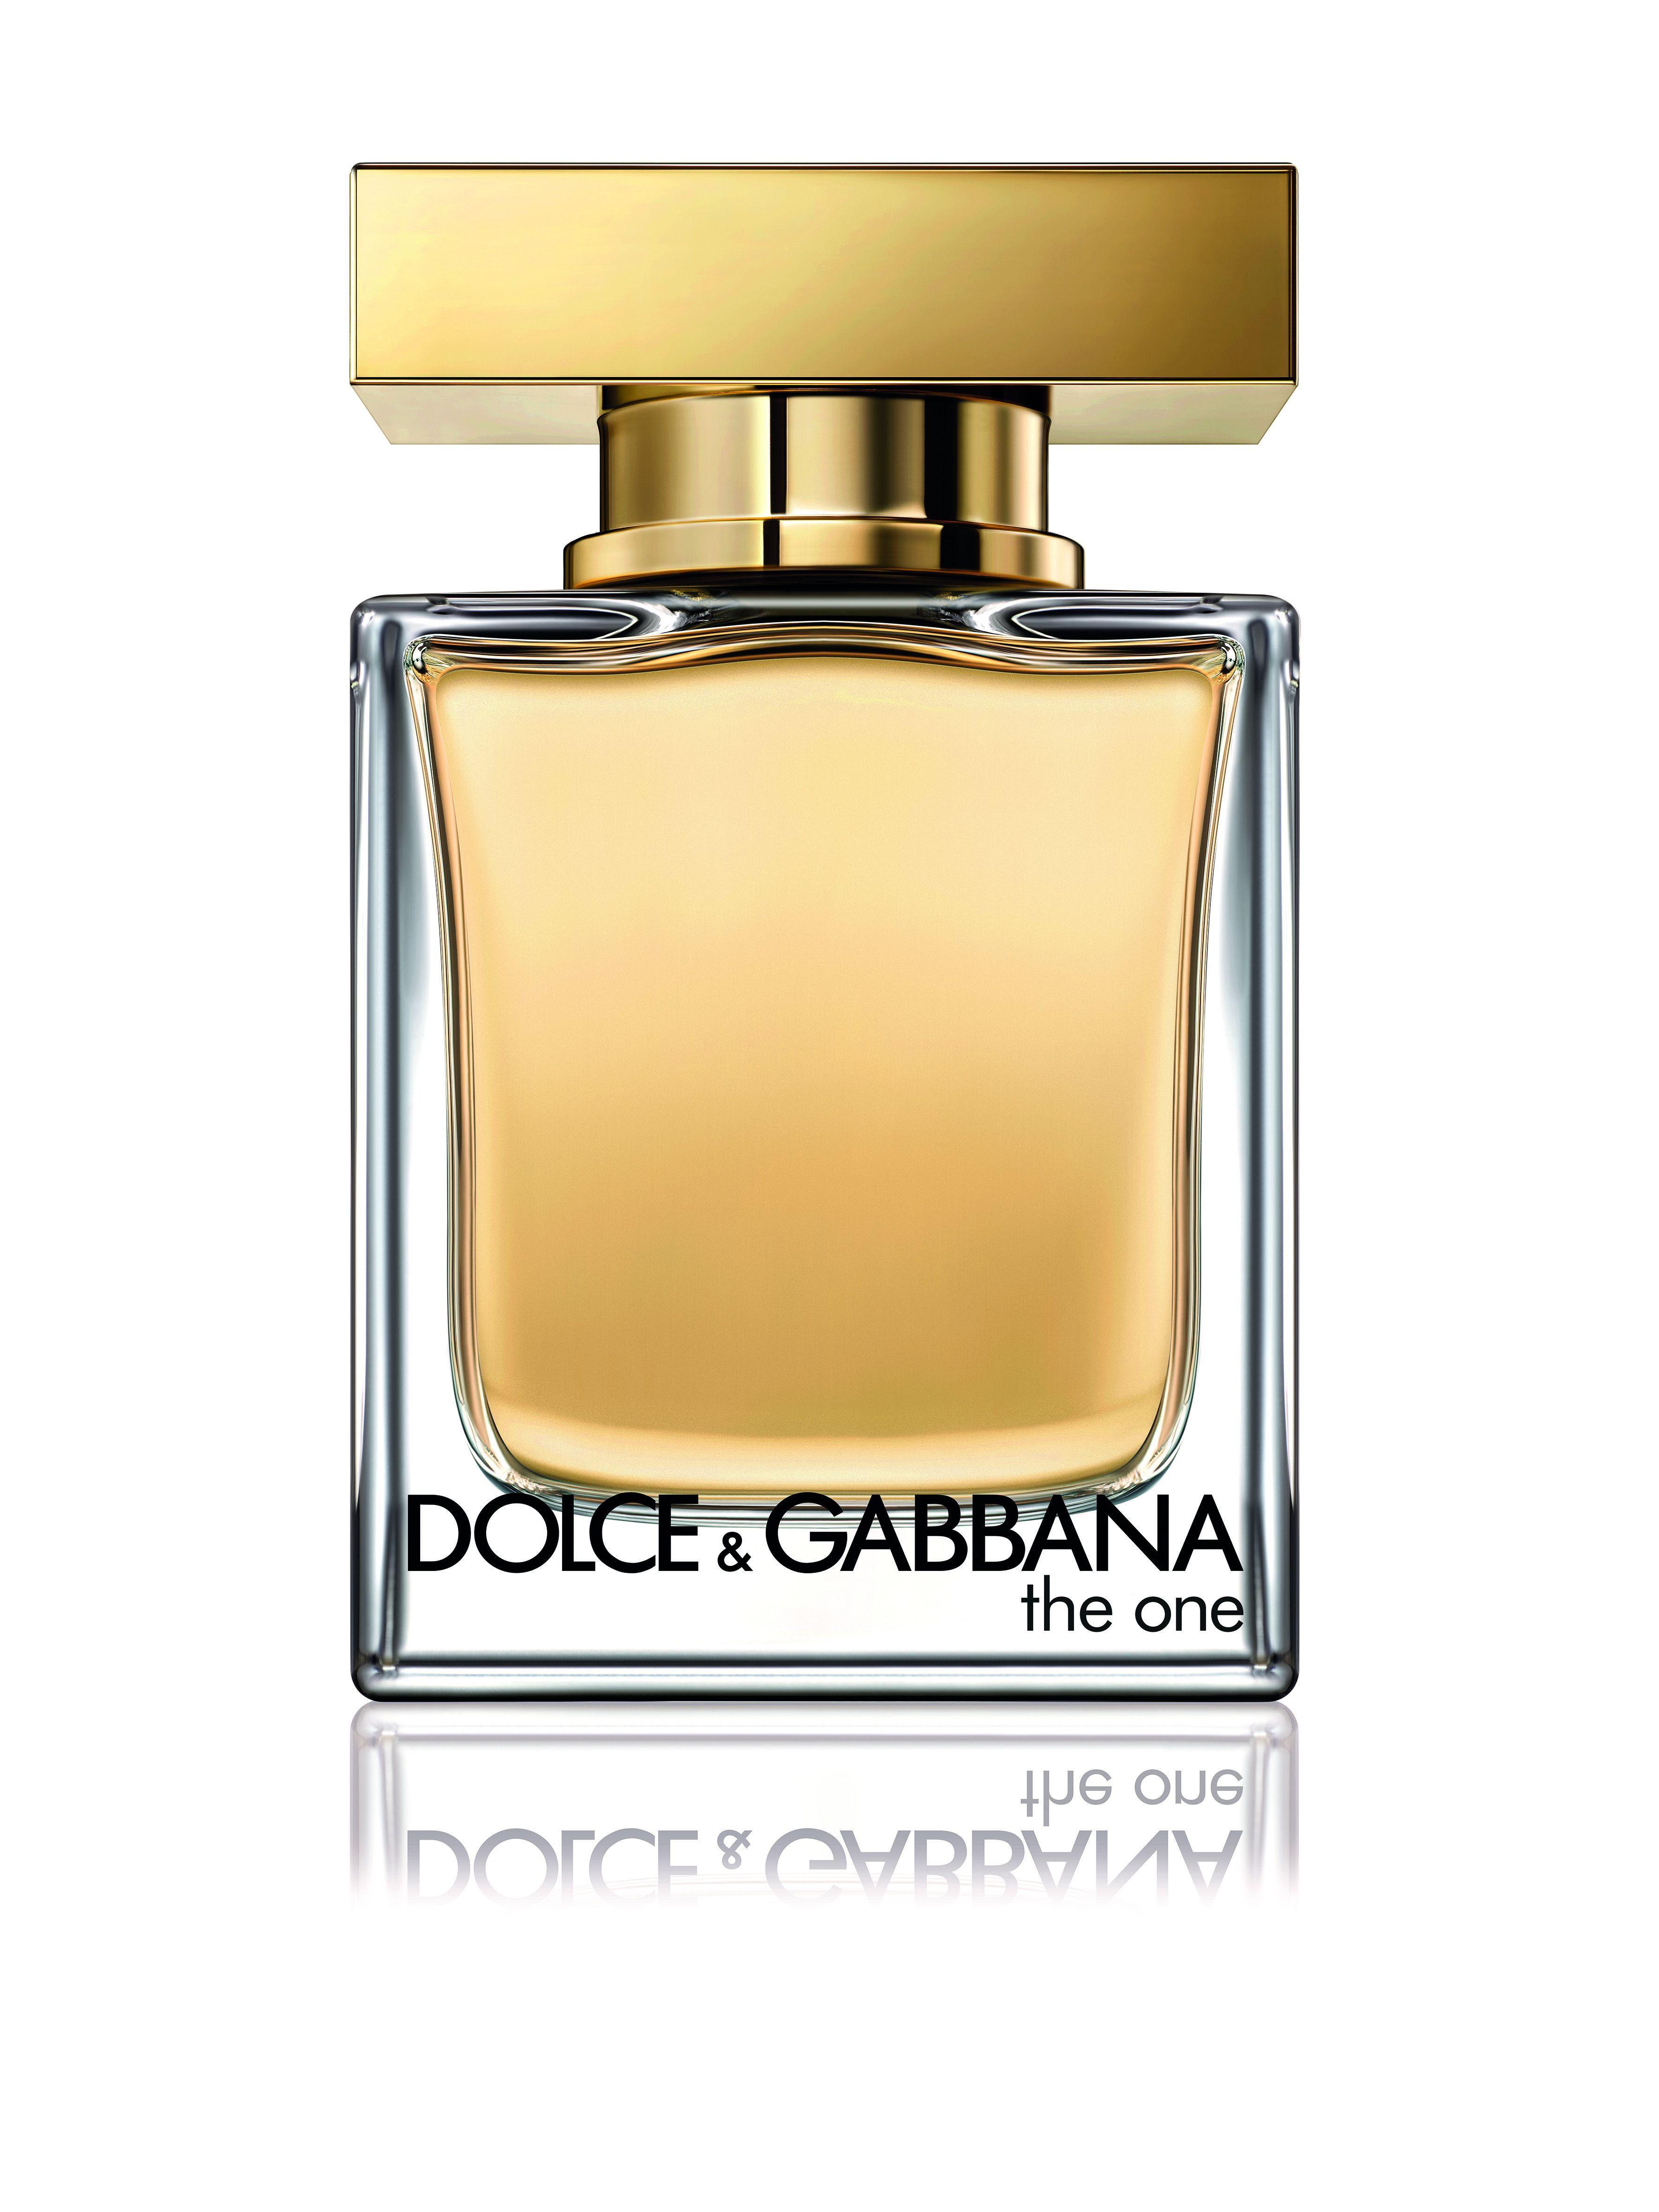 Dolce&Gabbana predstavili svježu i novu verziju kultnog mirisa